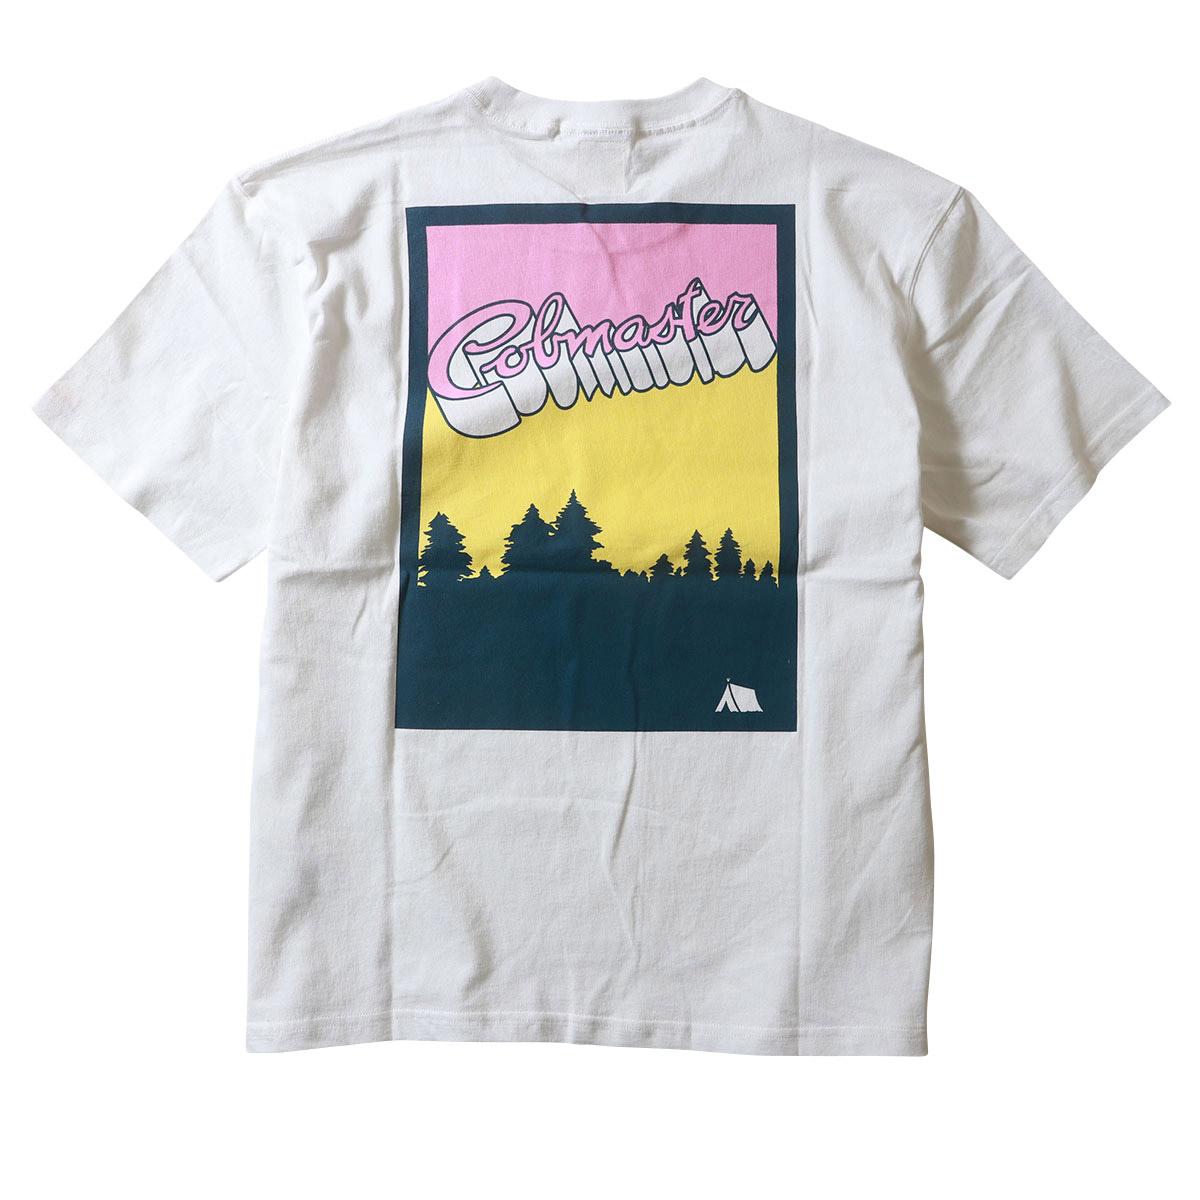 COBMASTER コブマスター キャンププリント 機能素材 Tシャツ 半袖 吸汗速乾 抗菌防臭